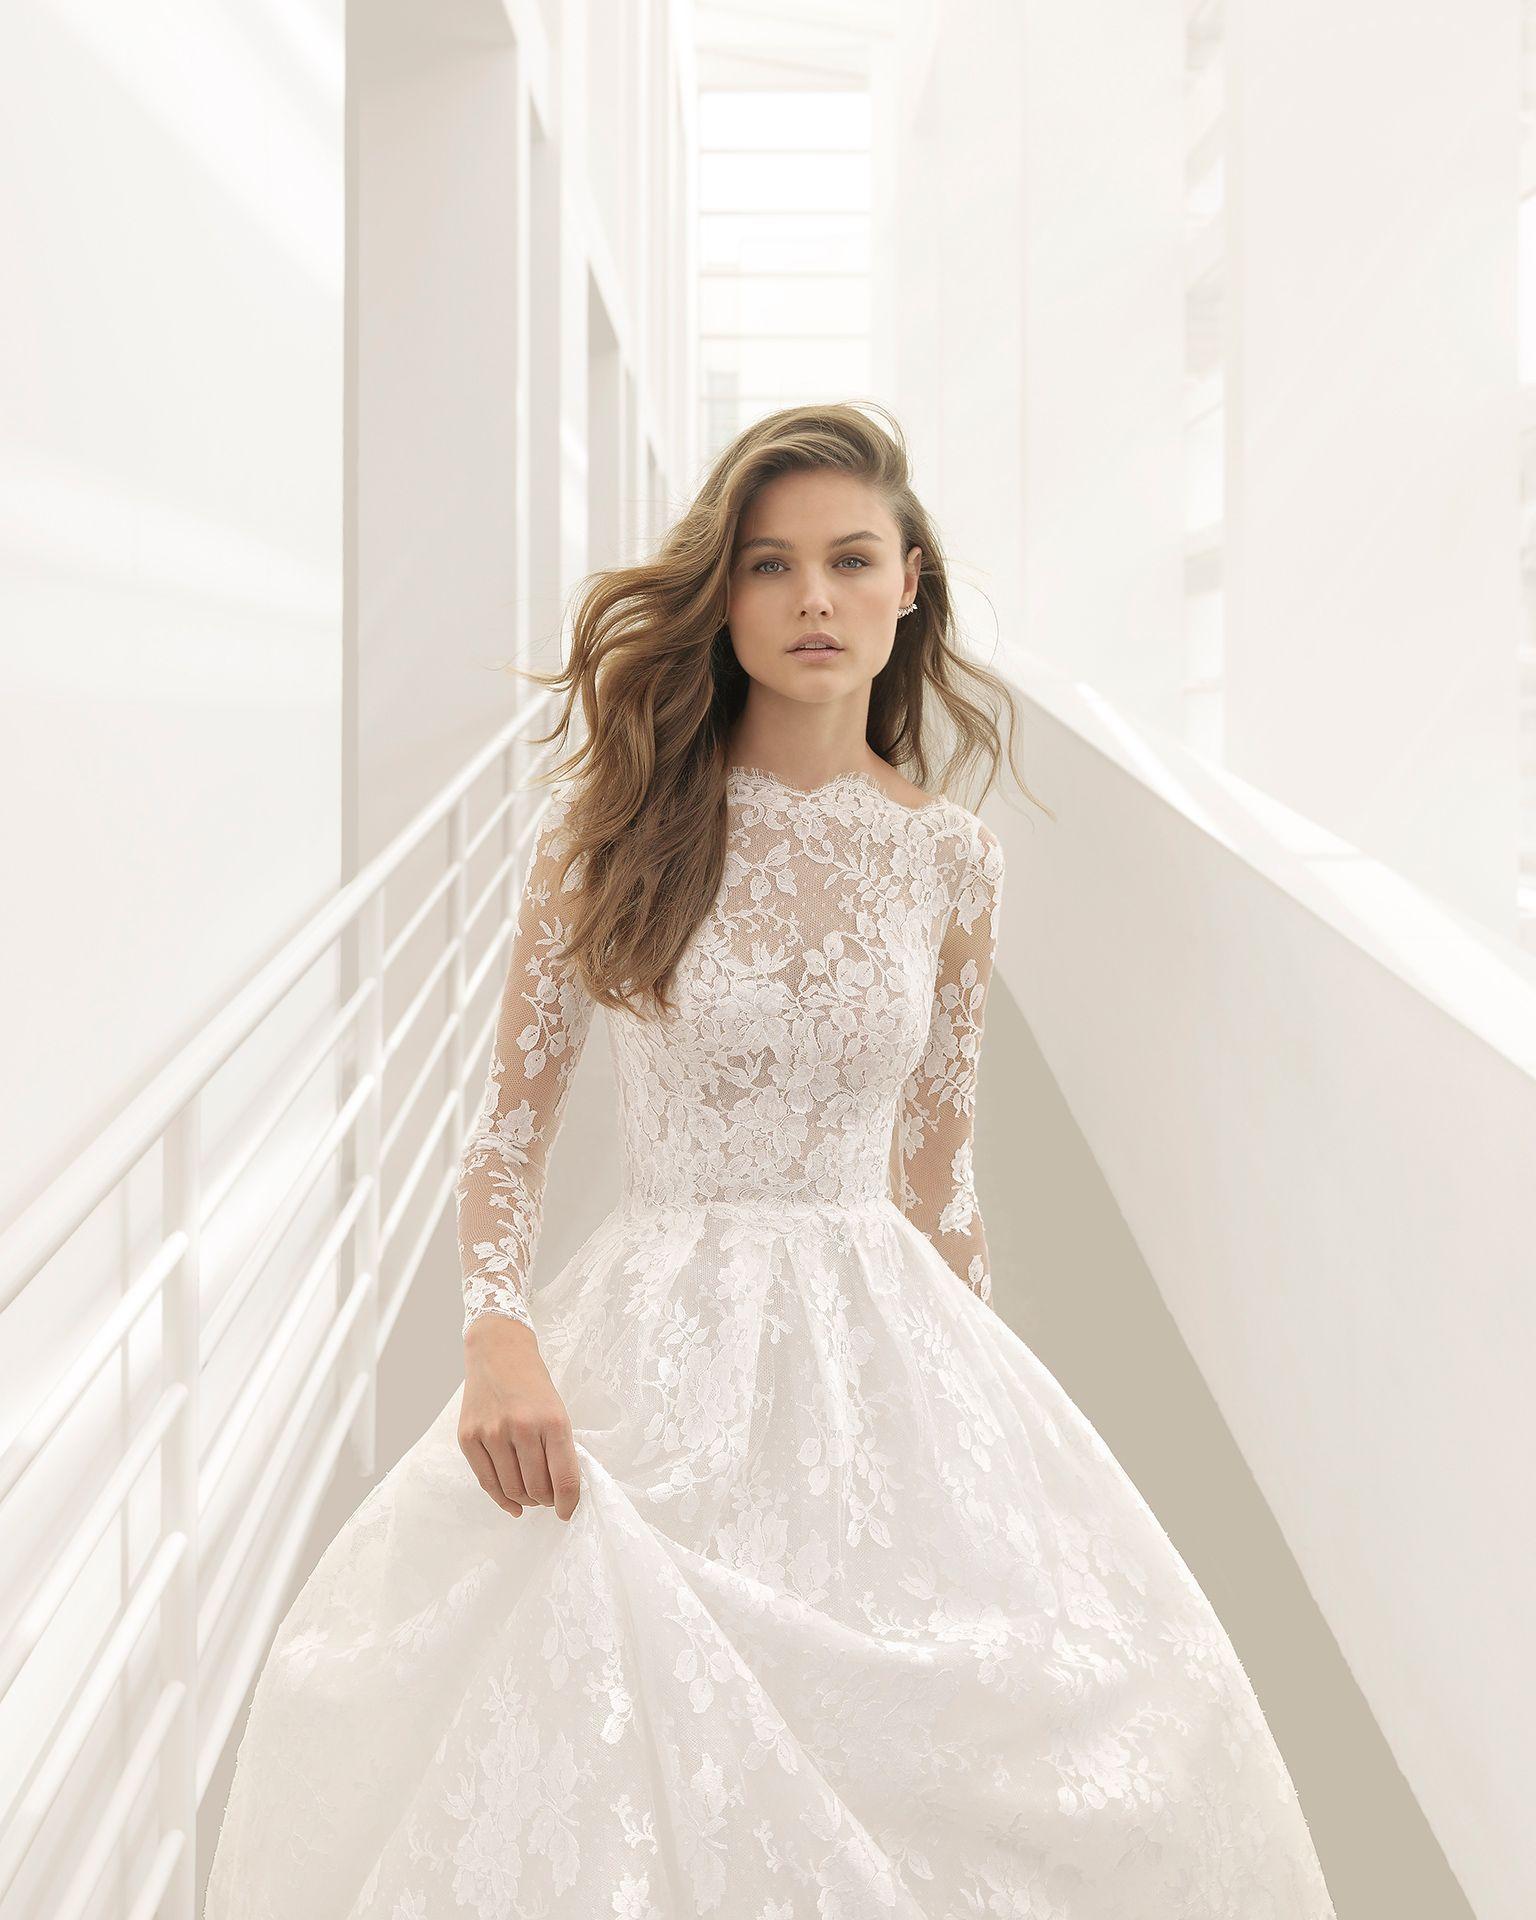 PASTORA Hochzeit 2018 Kollektion Rosa Clará Couture